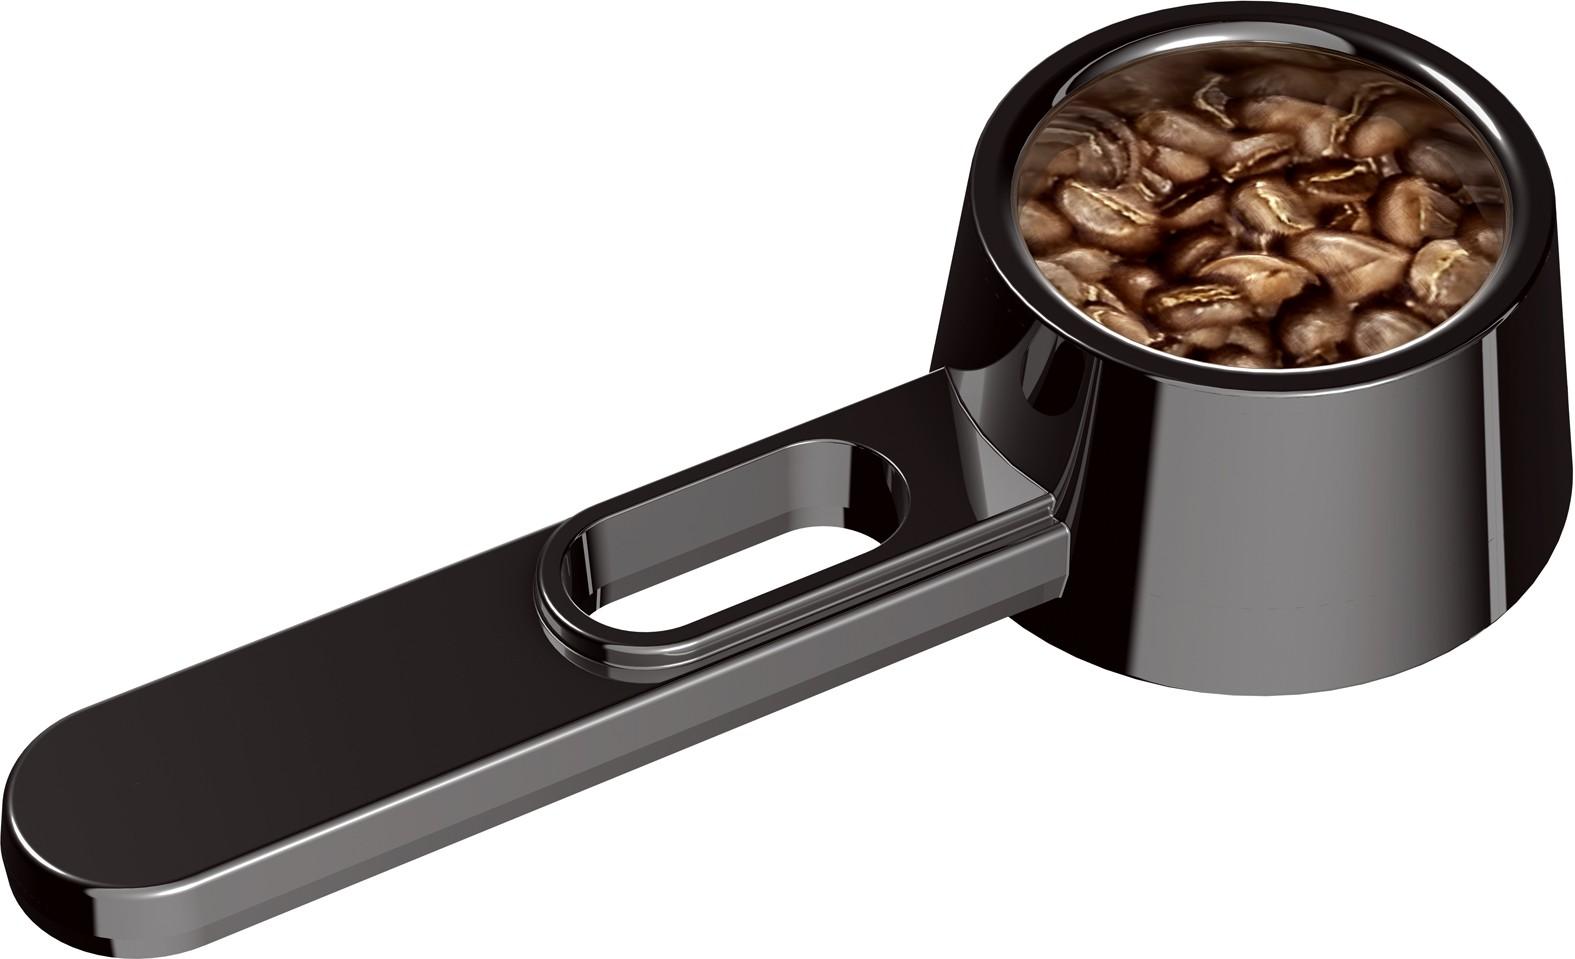 Melitta- Entdecken Sie das Geheimnis dieses Kaffee-Vollautomaten!    - Bildergalerie , Bild 10